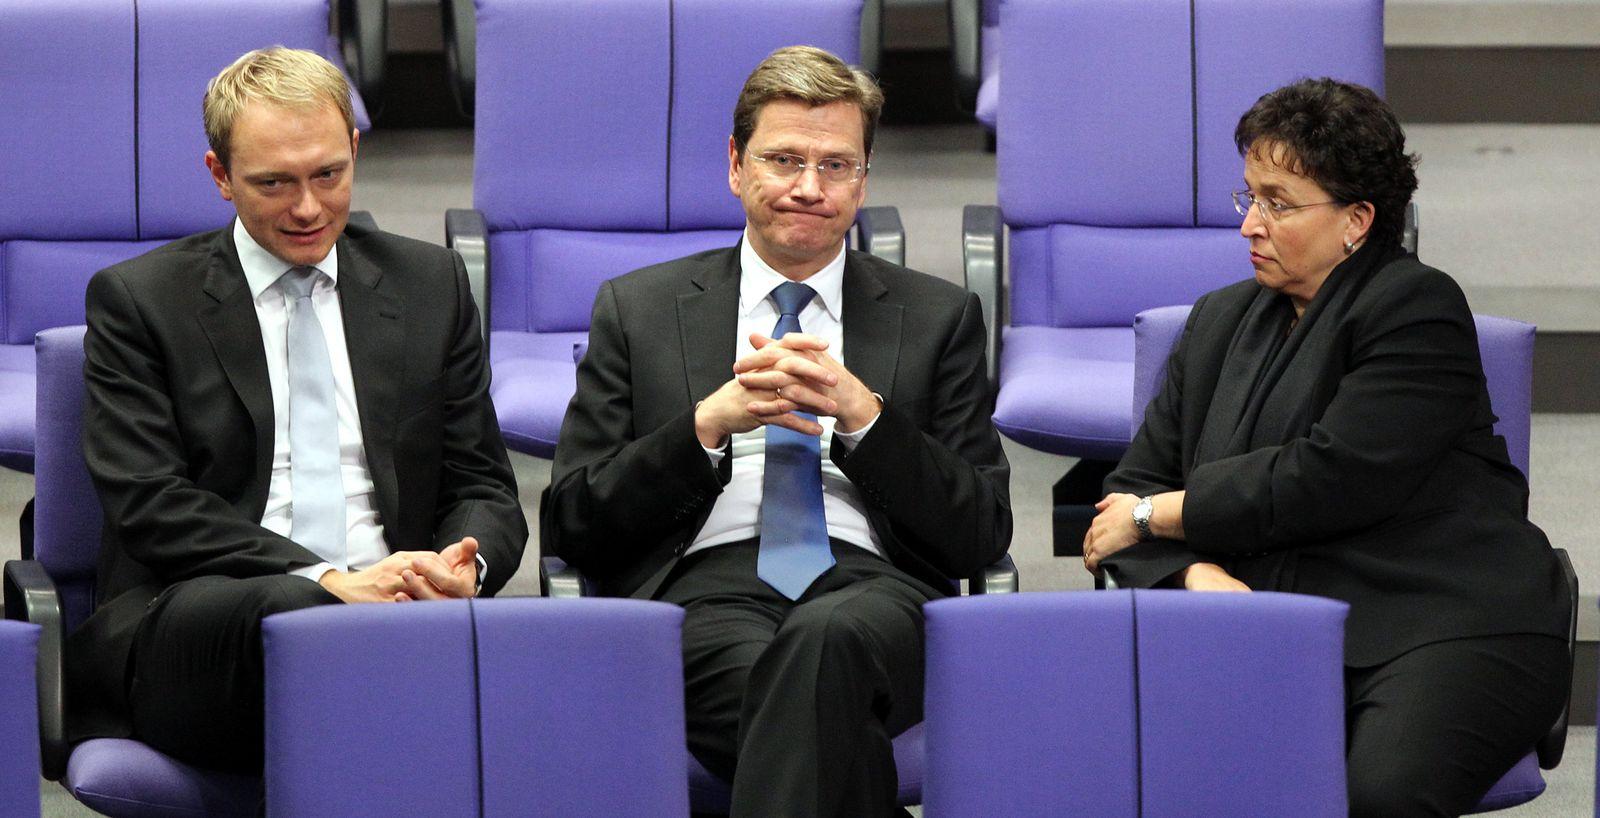 Bundestag - Westerwelle Lindner Homburger